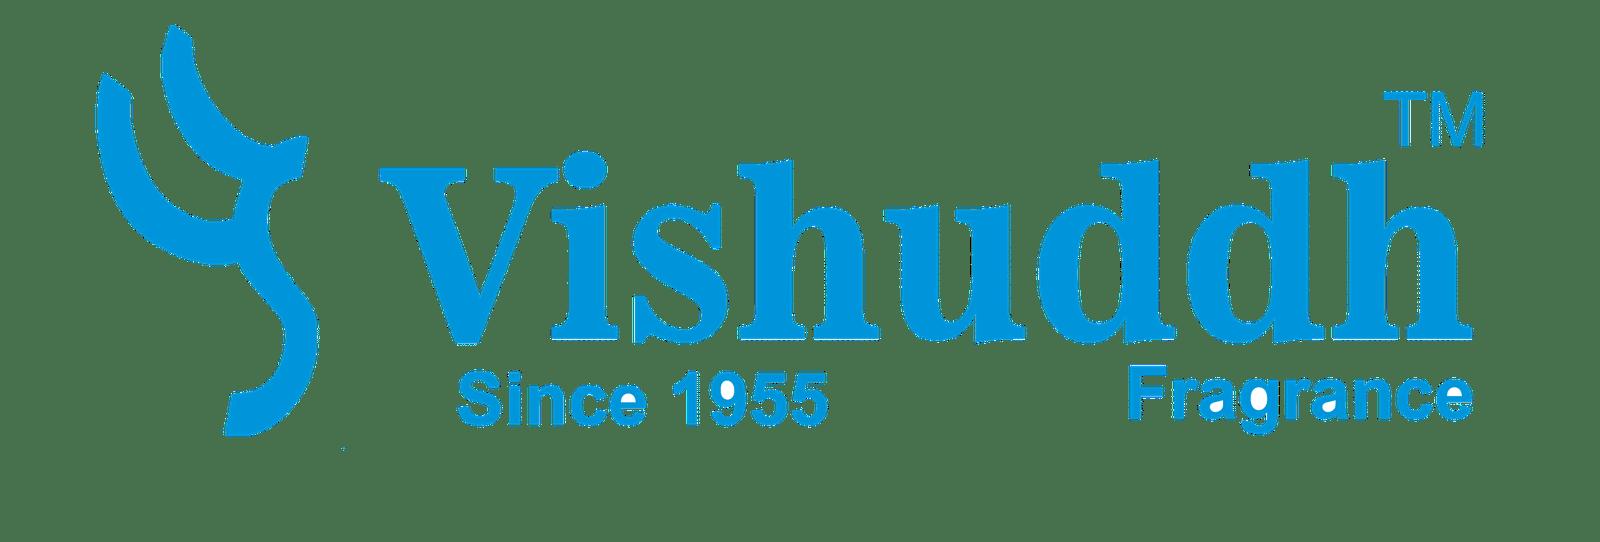 Vishuddh Fragrance